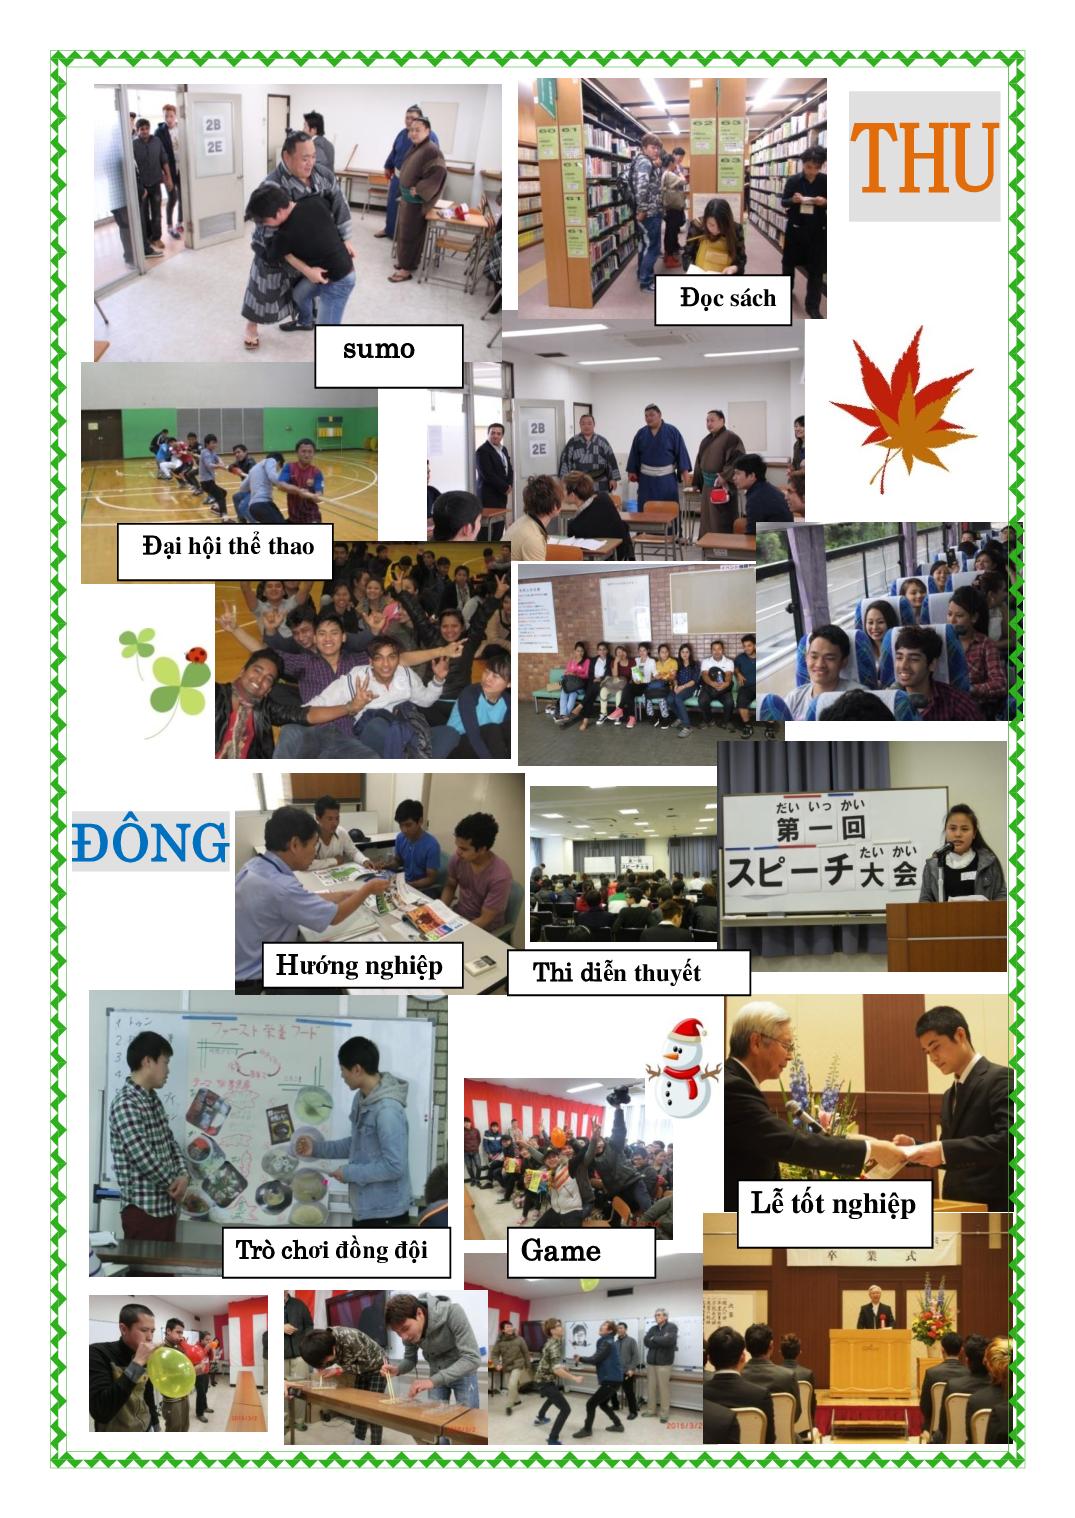 Học viện Quốc tế Fuji - Bước đệm đầu tiên hướng đến tương lai